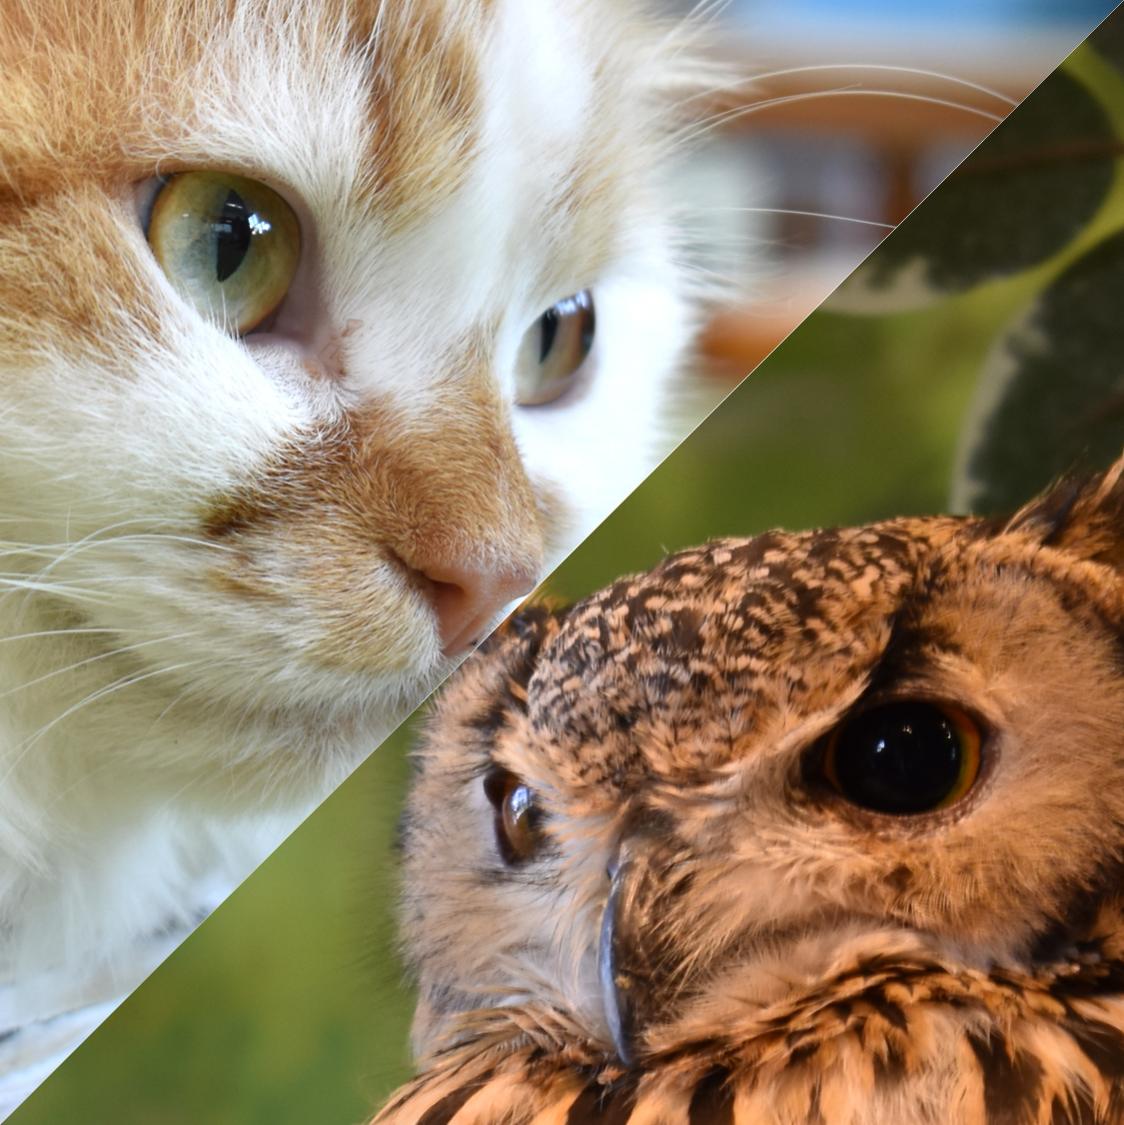 【癒し】倉敷美観地区のフクロウの森、猫カフェ紹介